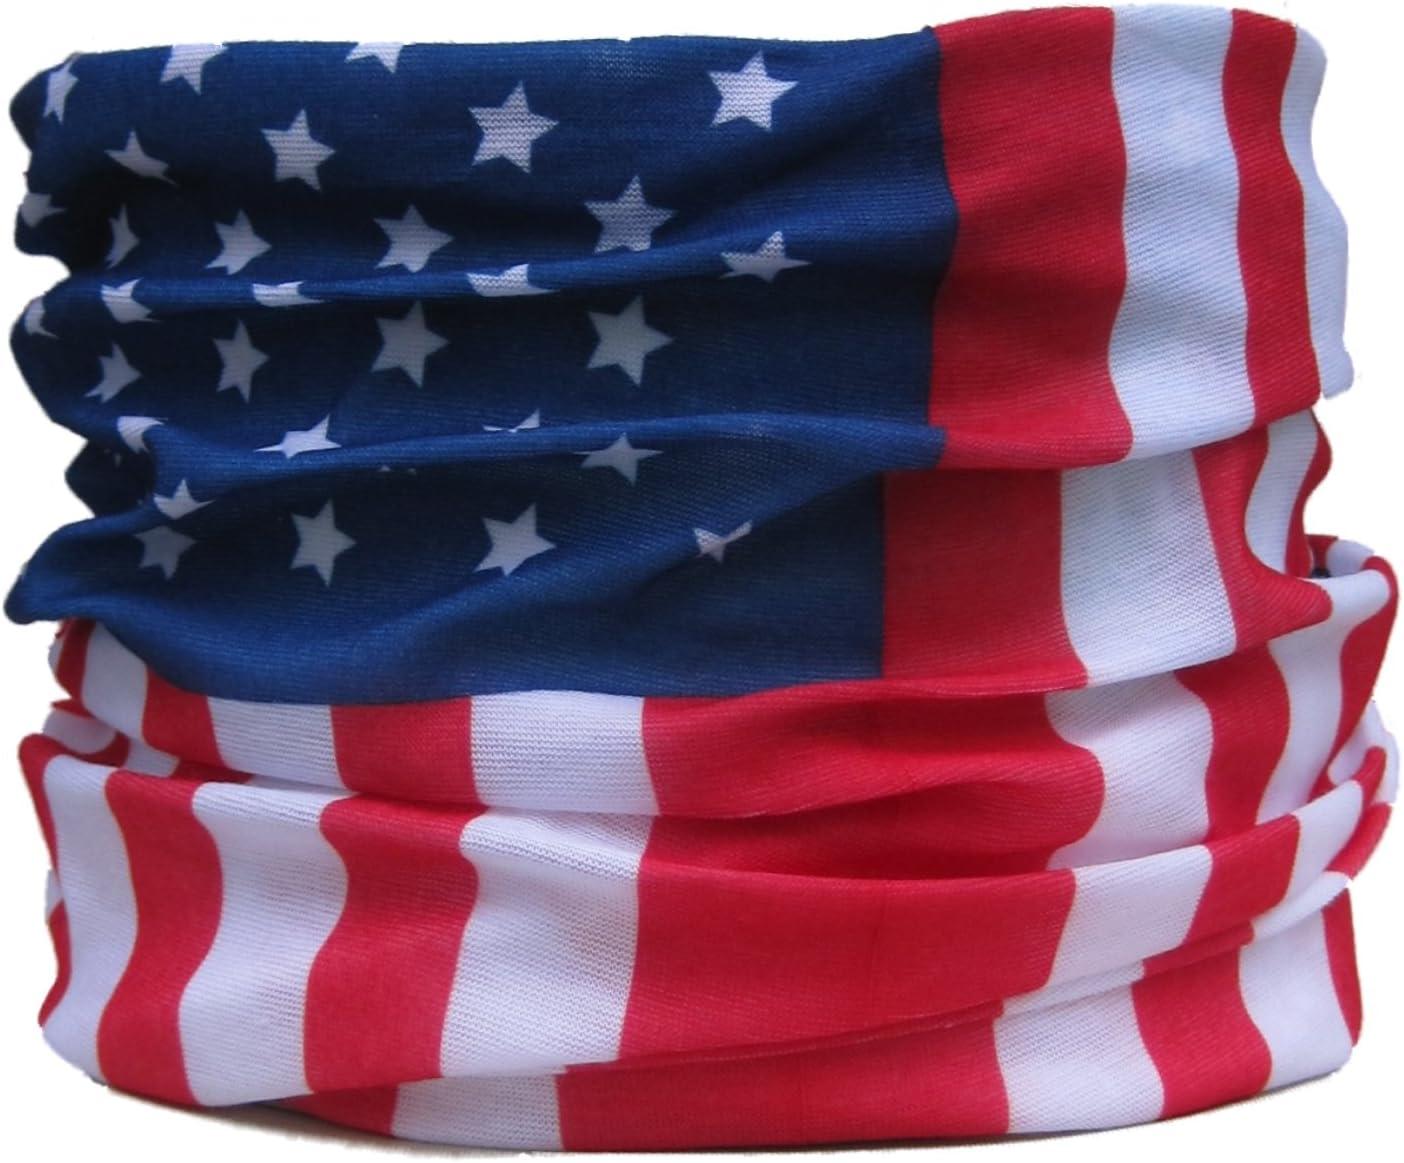 Braga para el Cuello, pañuelo de Microfibra multifunción, diseño de Barras y Estrellas de la Bandera USA: Amazon.es: Deportes y aire libre